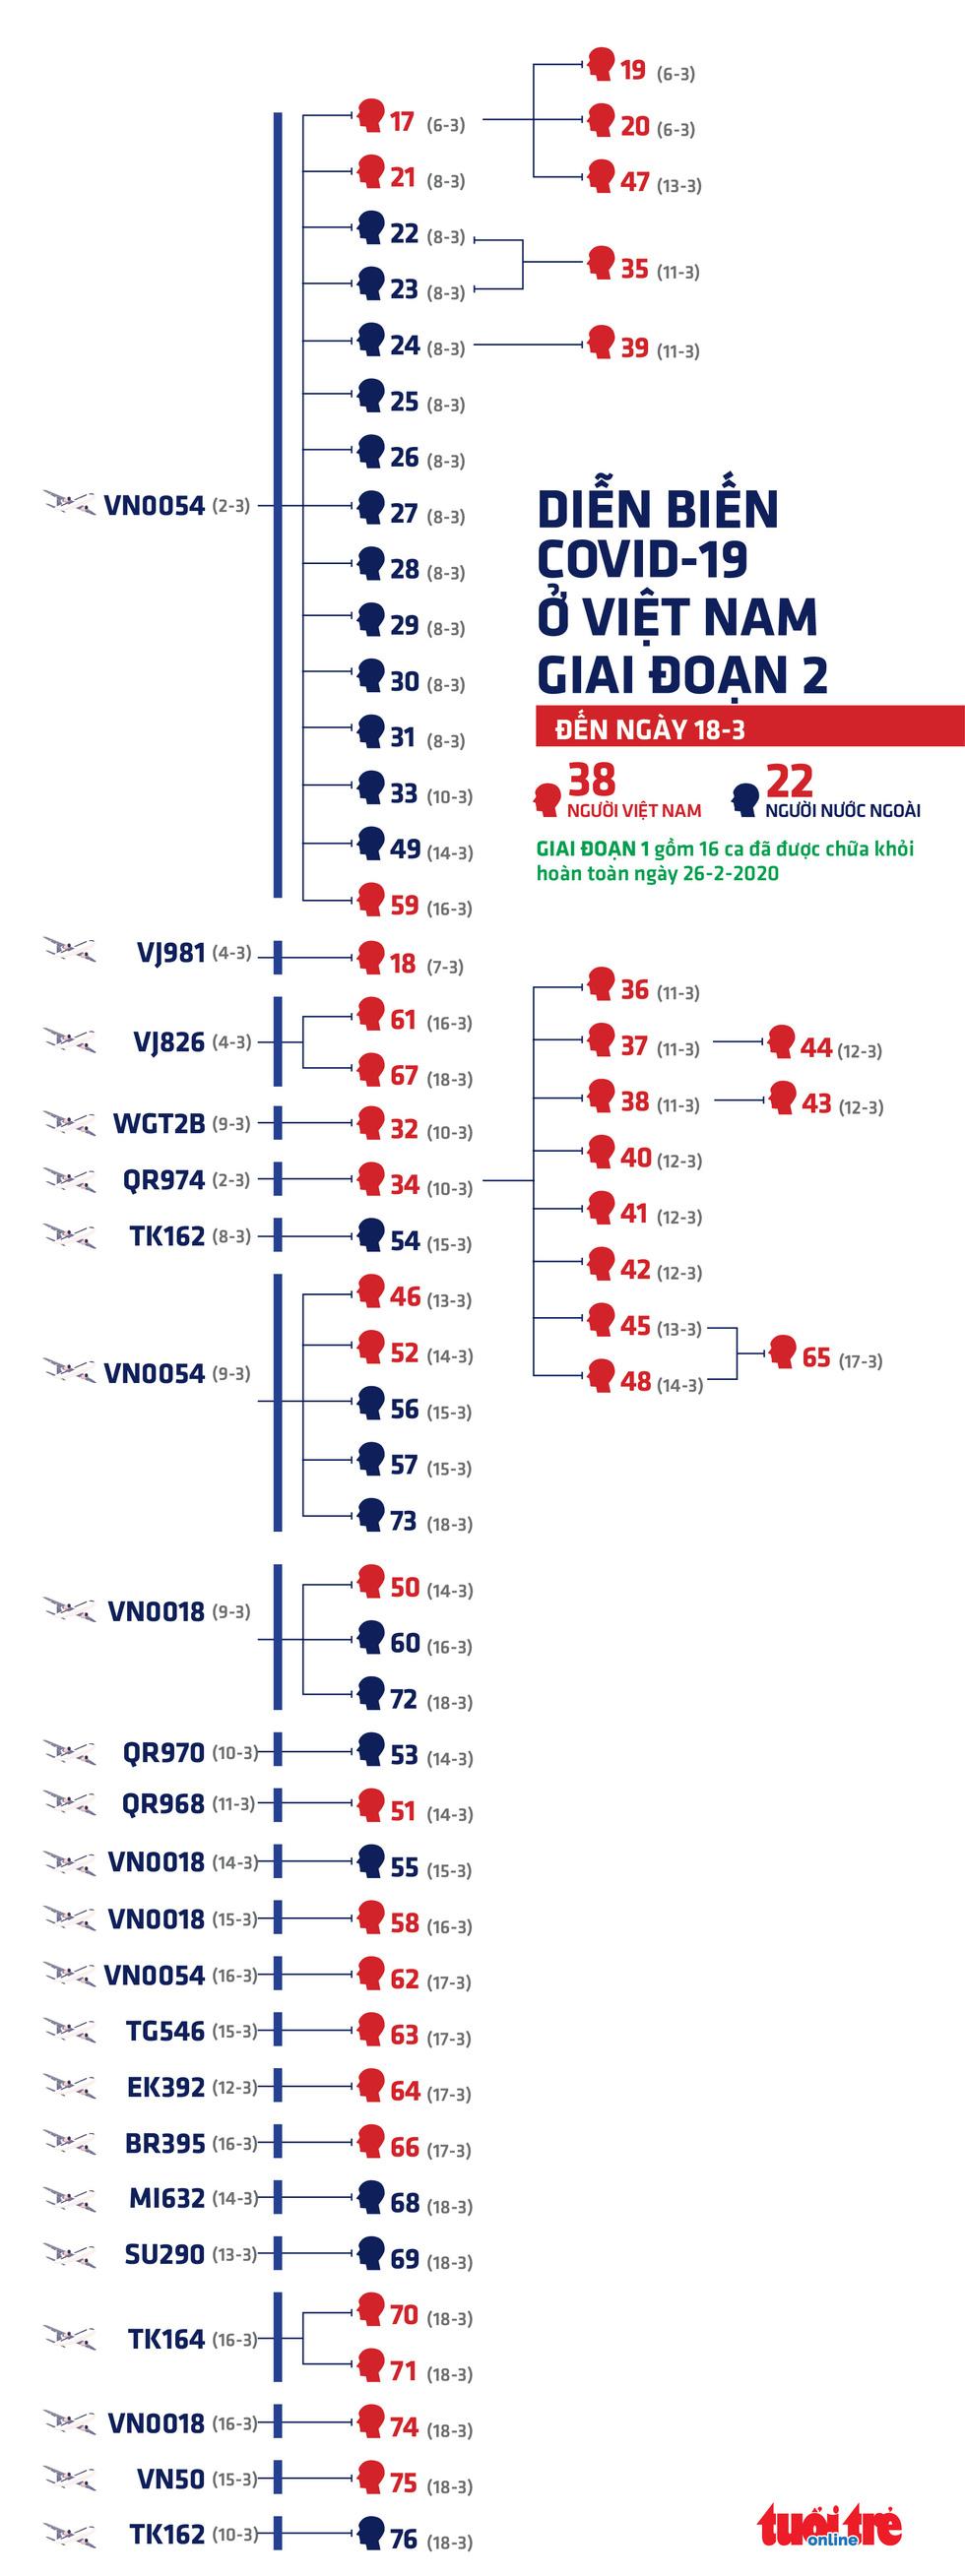 60 bệnh nhân COVID-19 mới ở Việt Nam đều từ các chuyến bay - Ảnh 1.